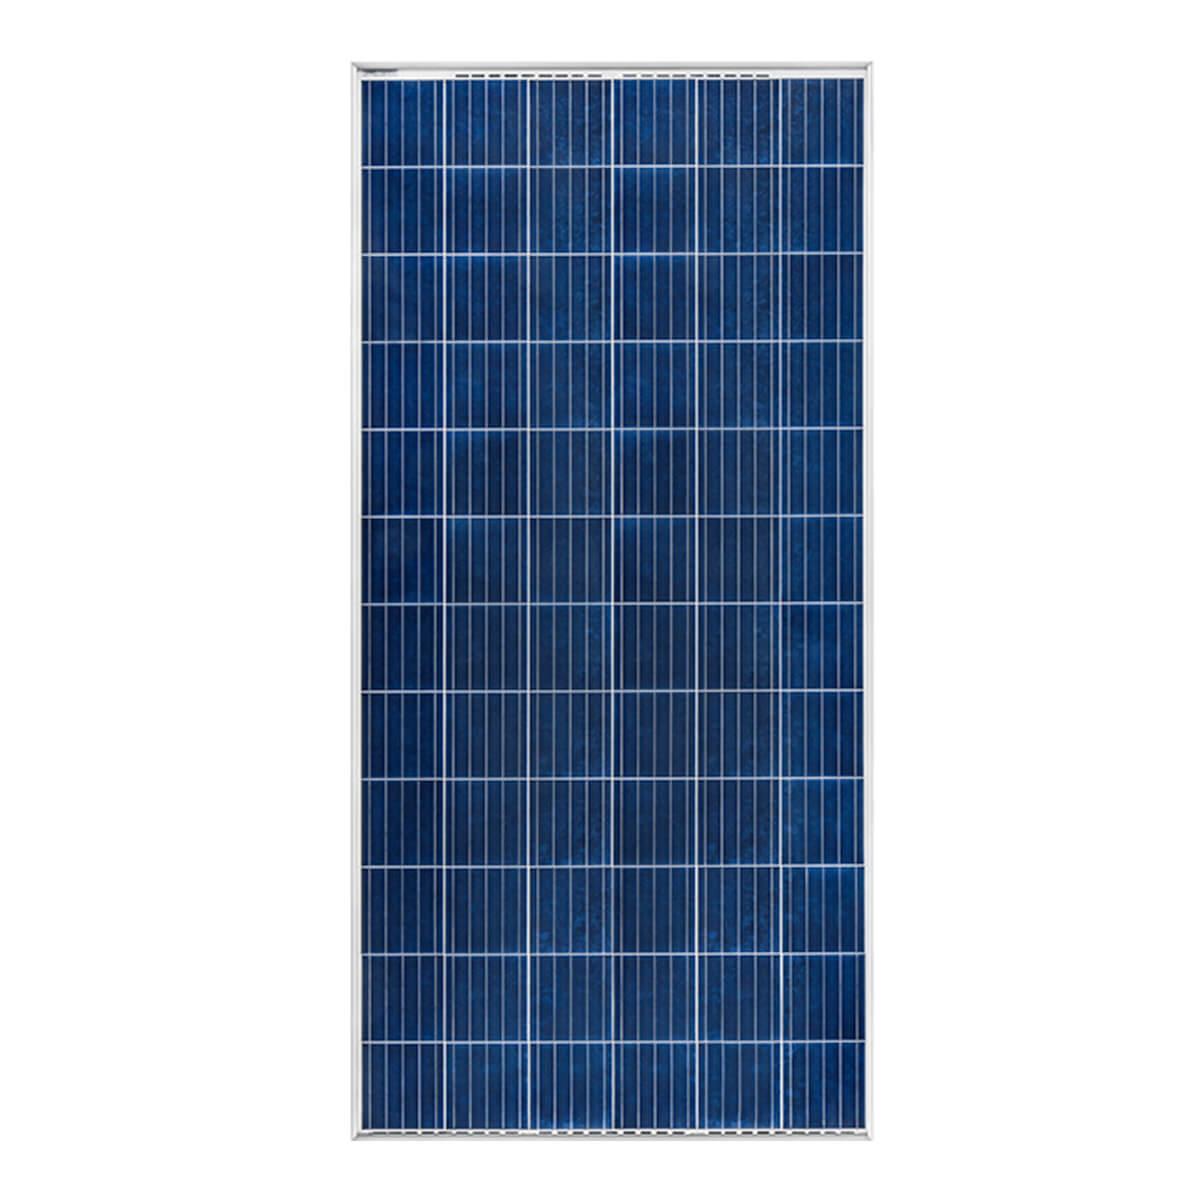 plurawatt 345W panel, plurawatt 345Watt panel, plurawatt 345 W panel, plurawatt 345 Watt panel, plurawatt 345 Watt polikristal panel, plurawatt 345 W watt gunes paneli, plurawatt 345 W watt polikristal gunes paneli, plurawatt 345 W Watt fotovoltaik polikristal solar panel, plurawatt 345W polikristal gunes enerjisi, plurawatt dc-72-345W panel, PLURAWATT 345 WATT